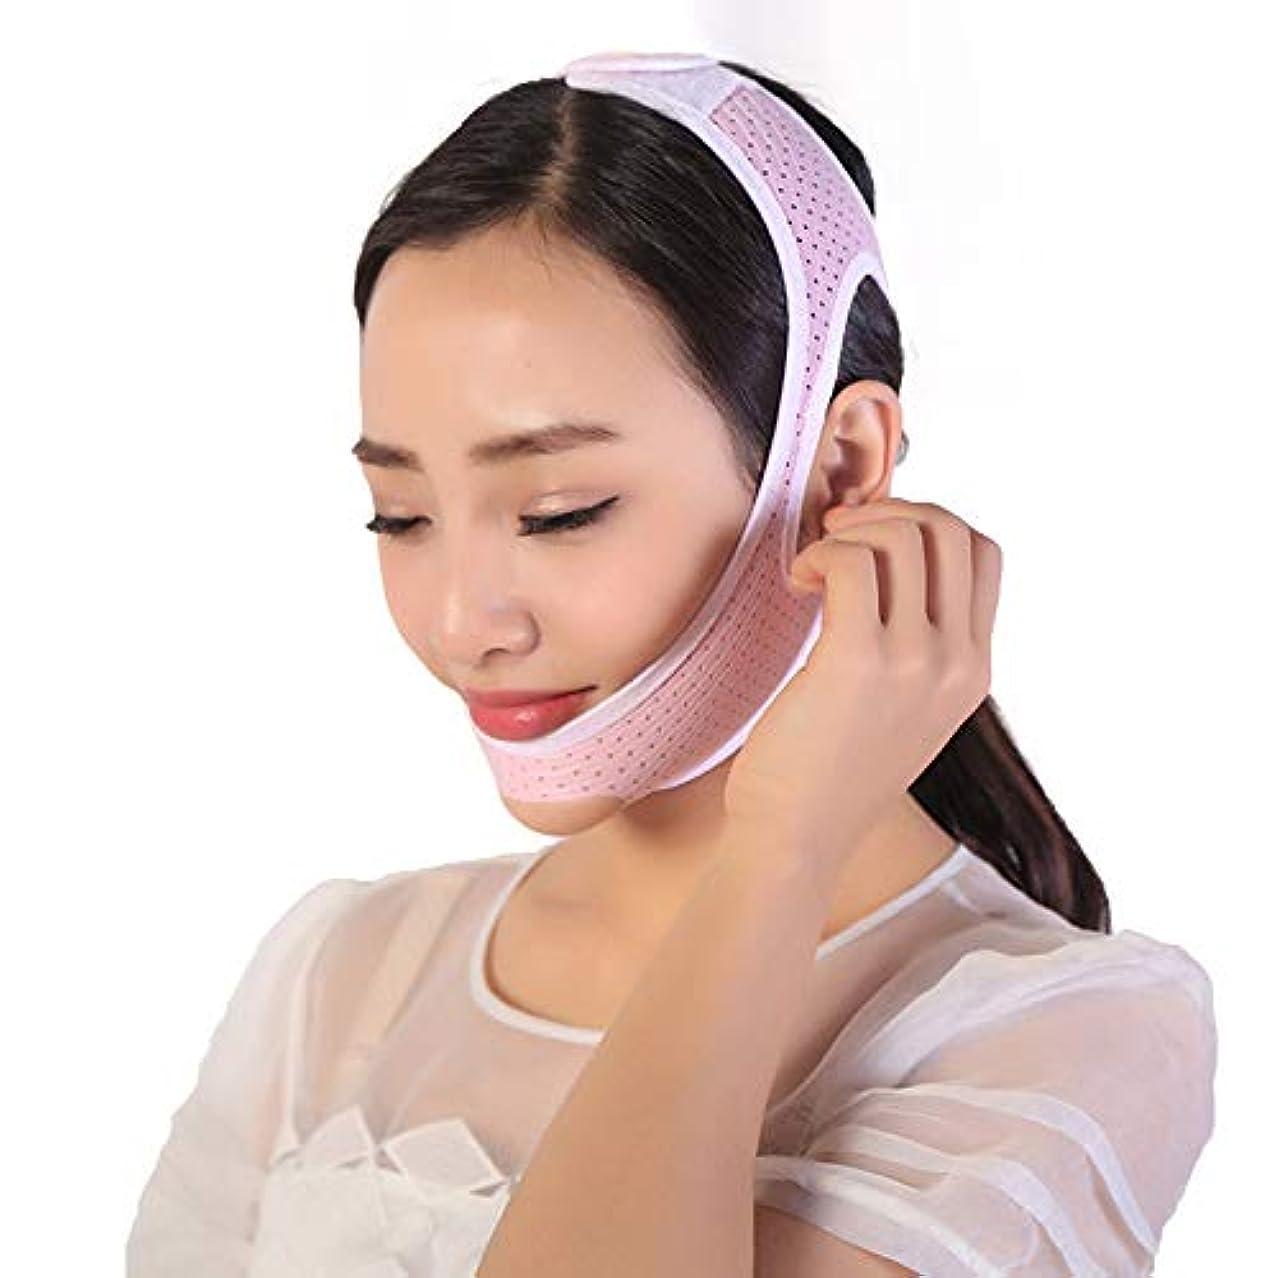 人工裏切り者良性Jia Jia- フェイシャルリフティングスリミングベルト - 薄型フェイス包帯ダブルチンデバイスフェイシャルマッサージアンチエイジングリンクルフェイスマスクベルト 顔面包帯 (サイズ さいず : L l)